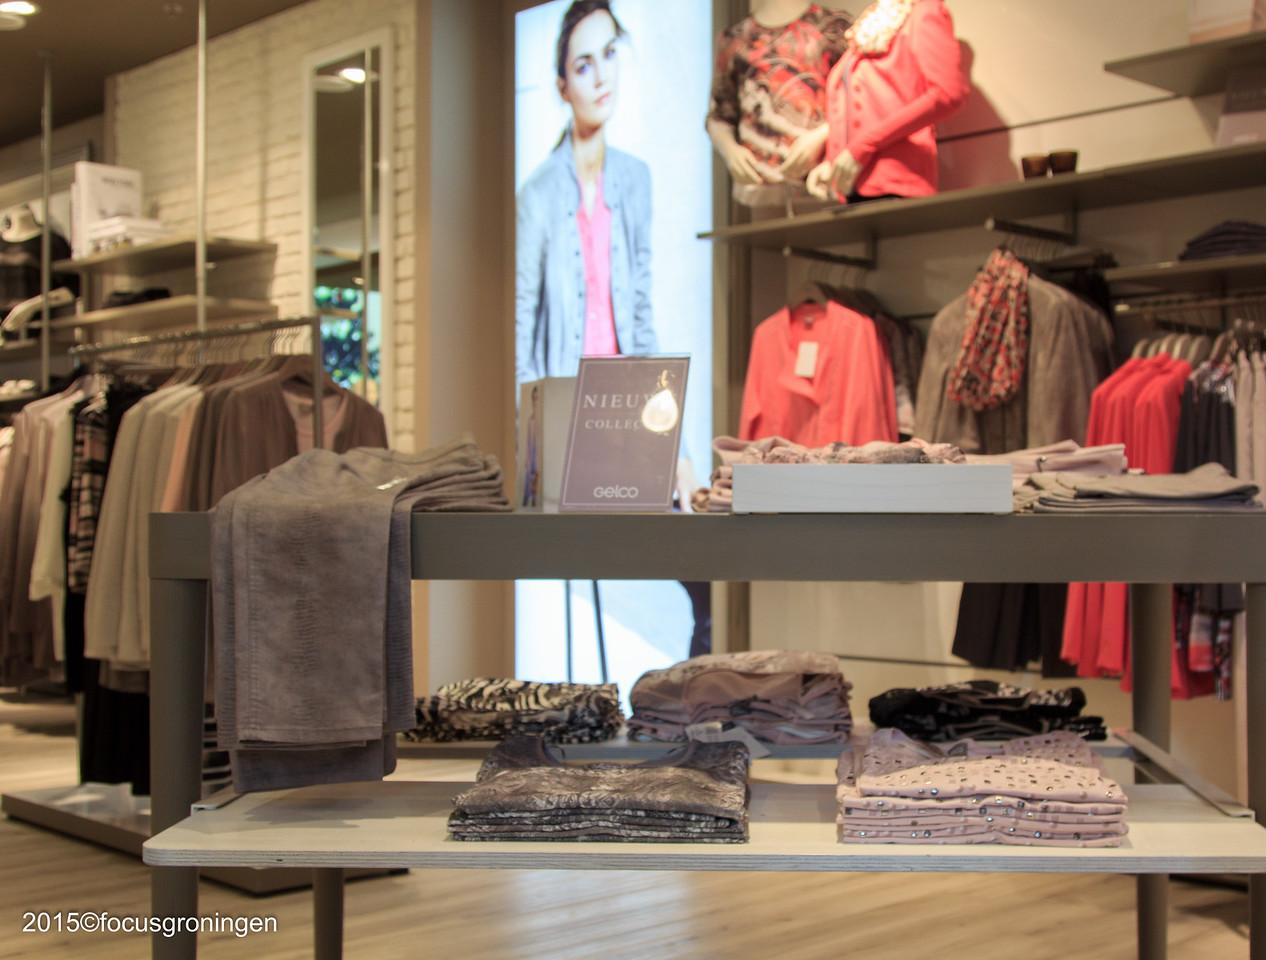 nederland 2015, groningen, paddepoel, winkelcentrum, gelco